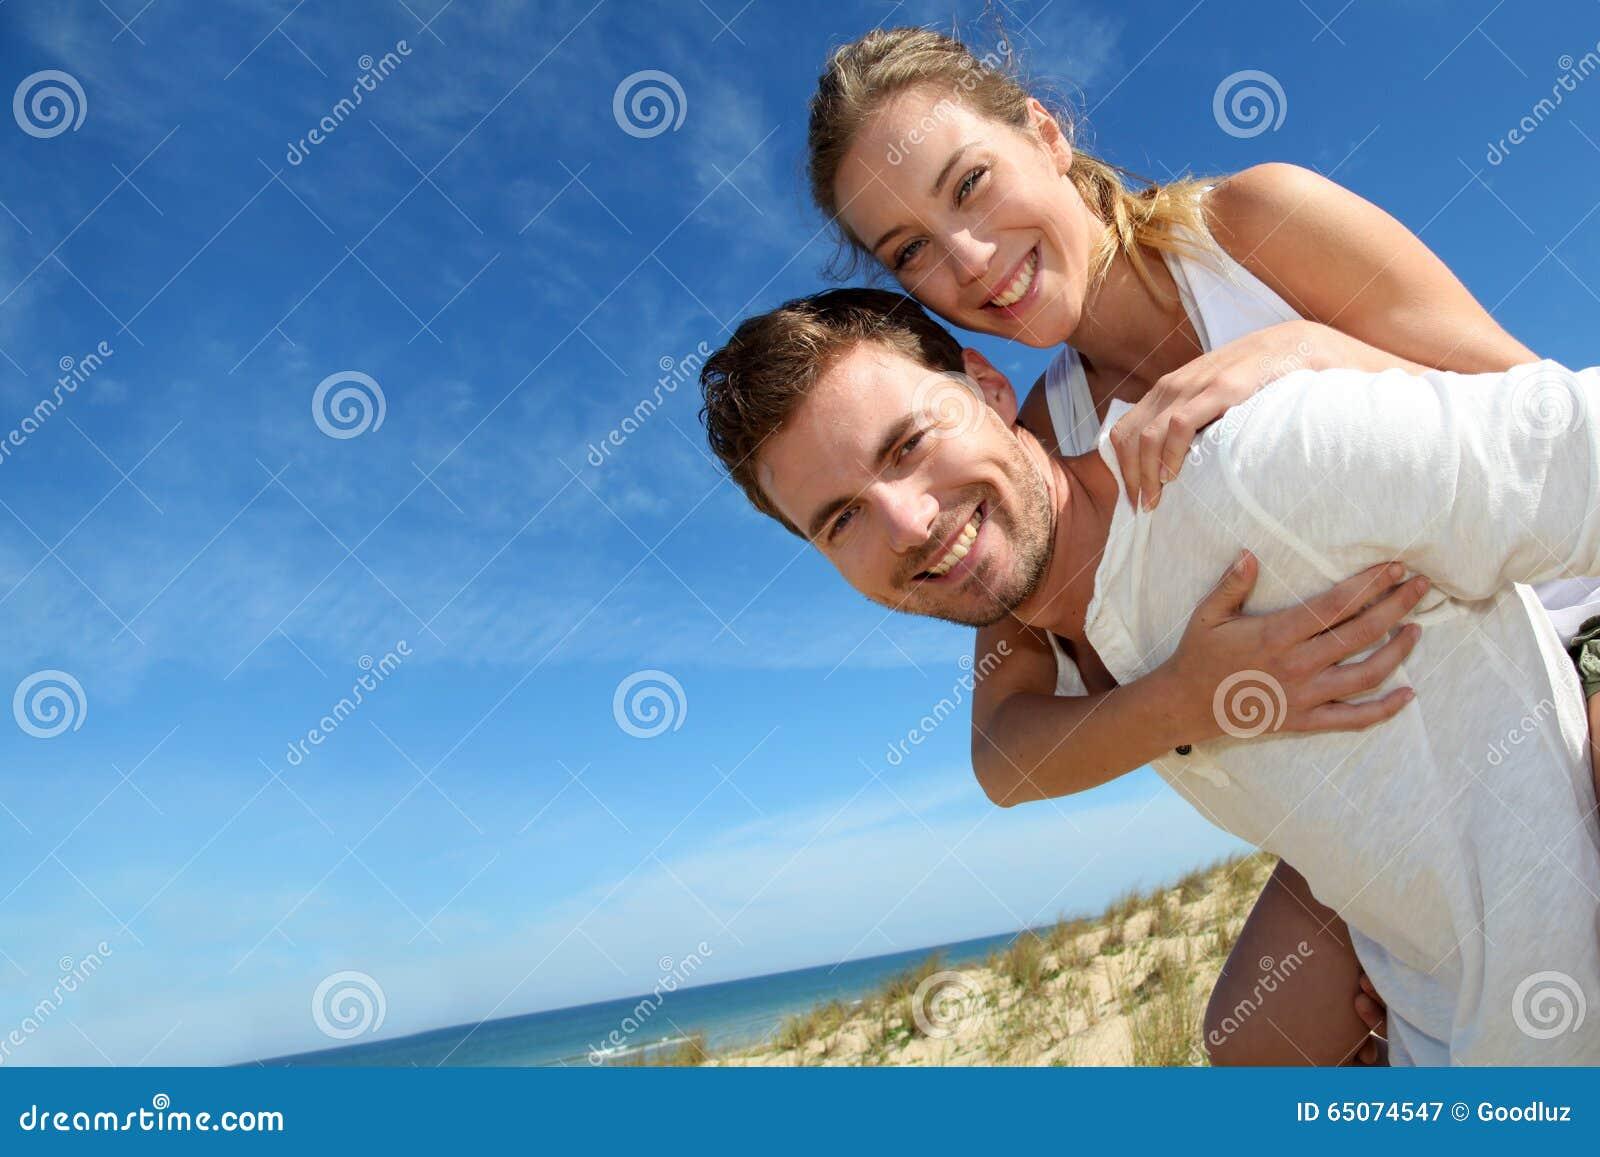 Hansel and gretel naked women